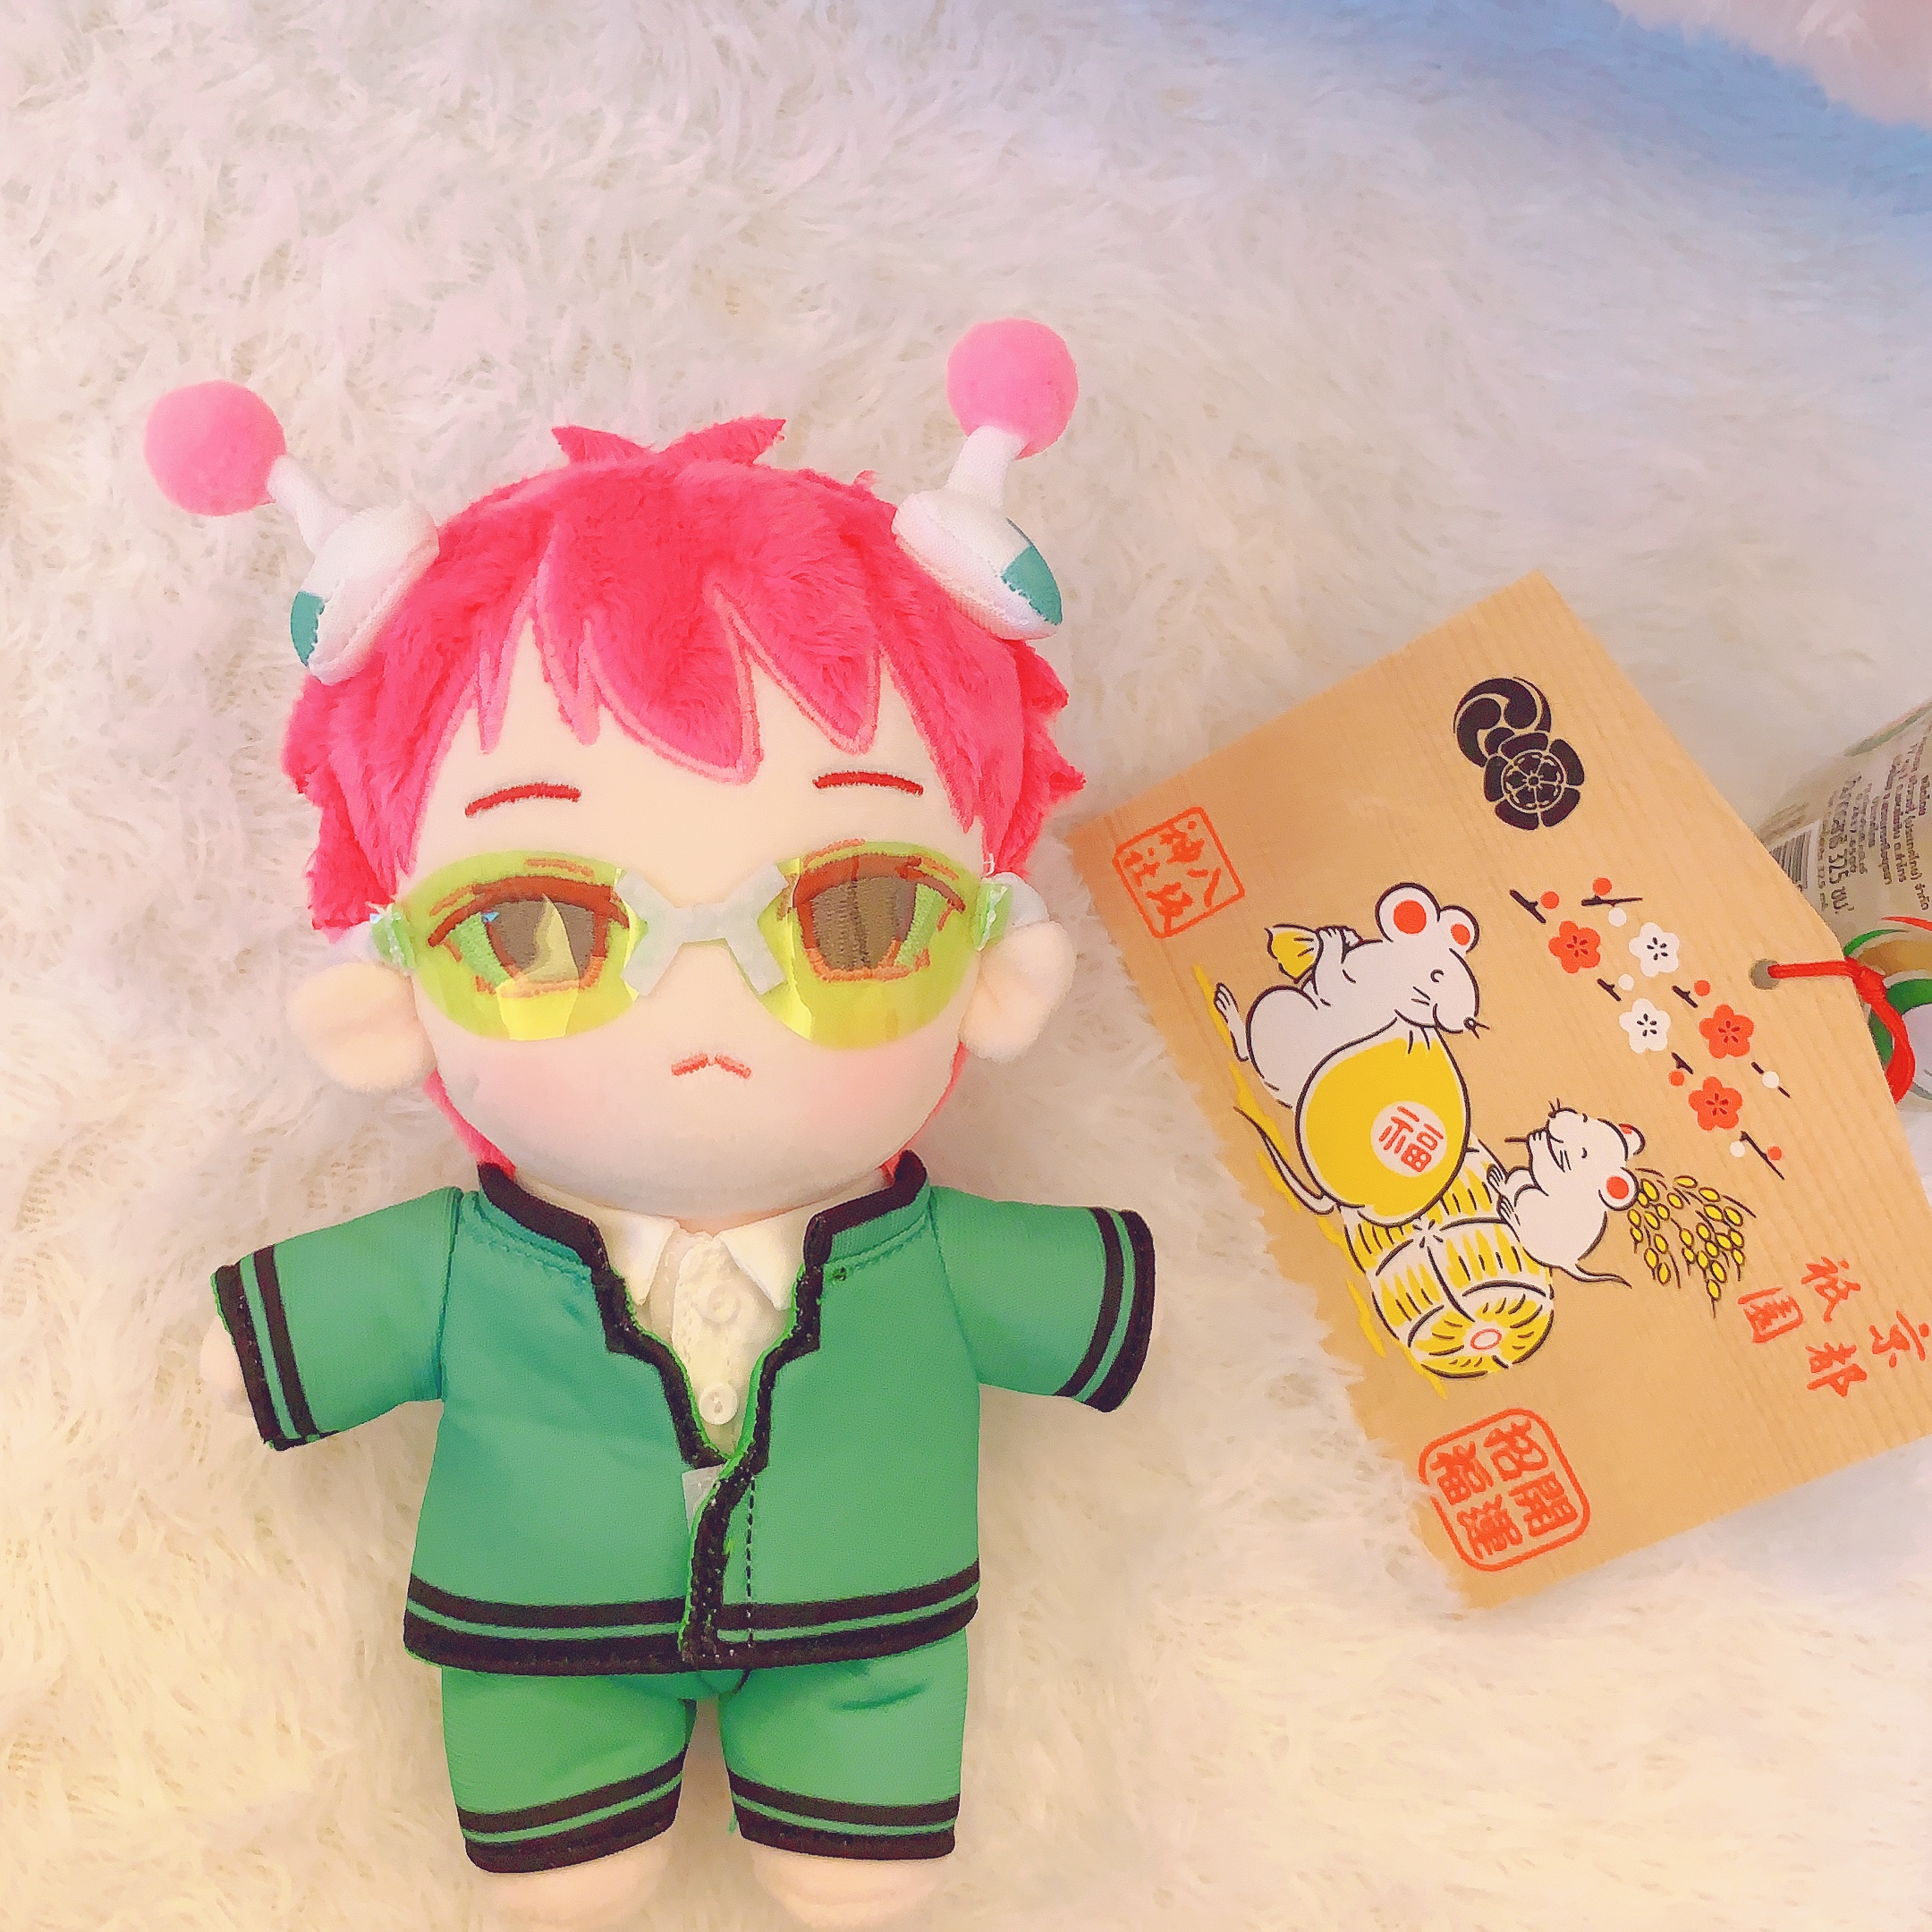 Аниме разрушительная жизнь Saiki K. Saiki Kusuo, милые плюшевые куклы для косплея, 20 см, кукла, плюшевая одежда, подарок